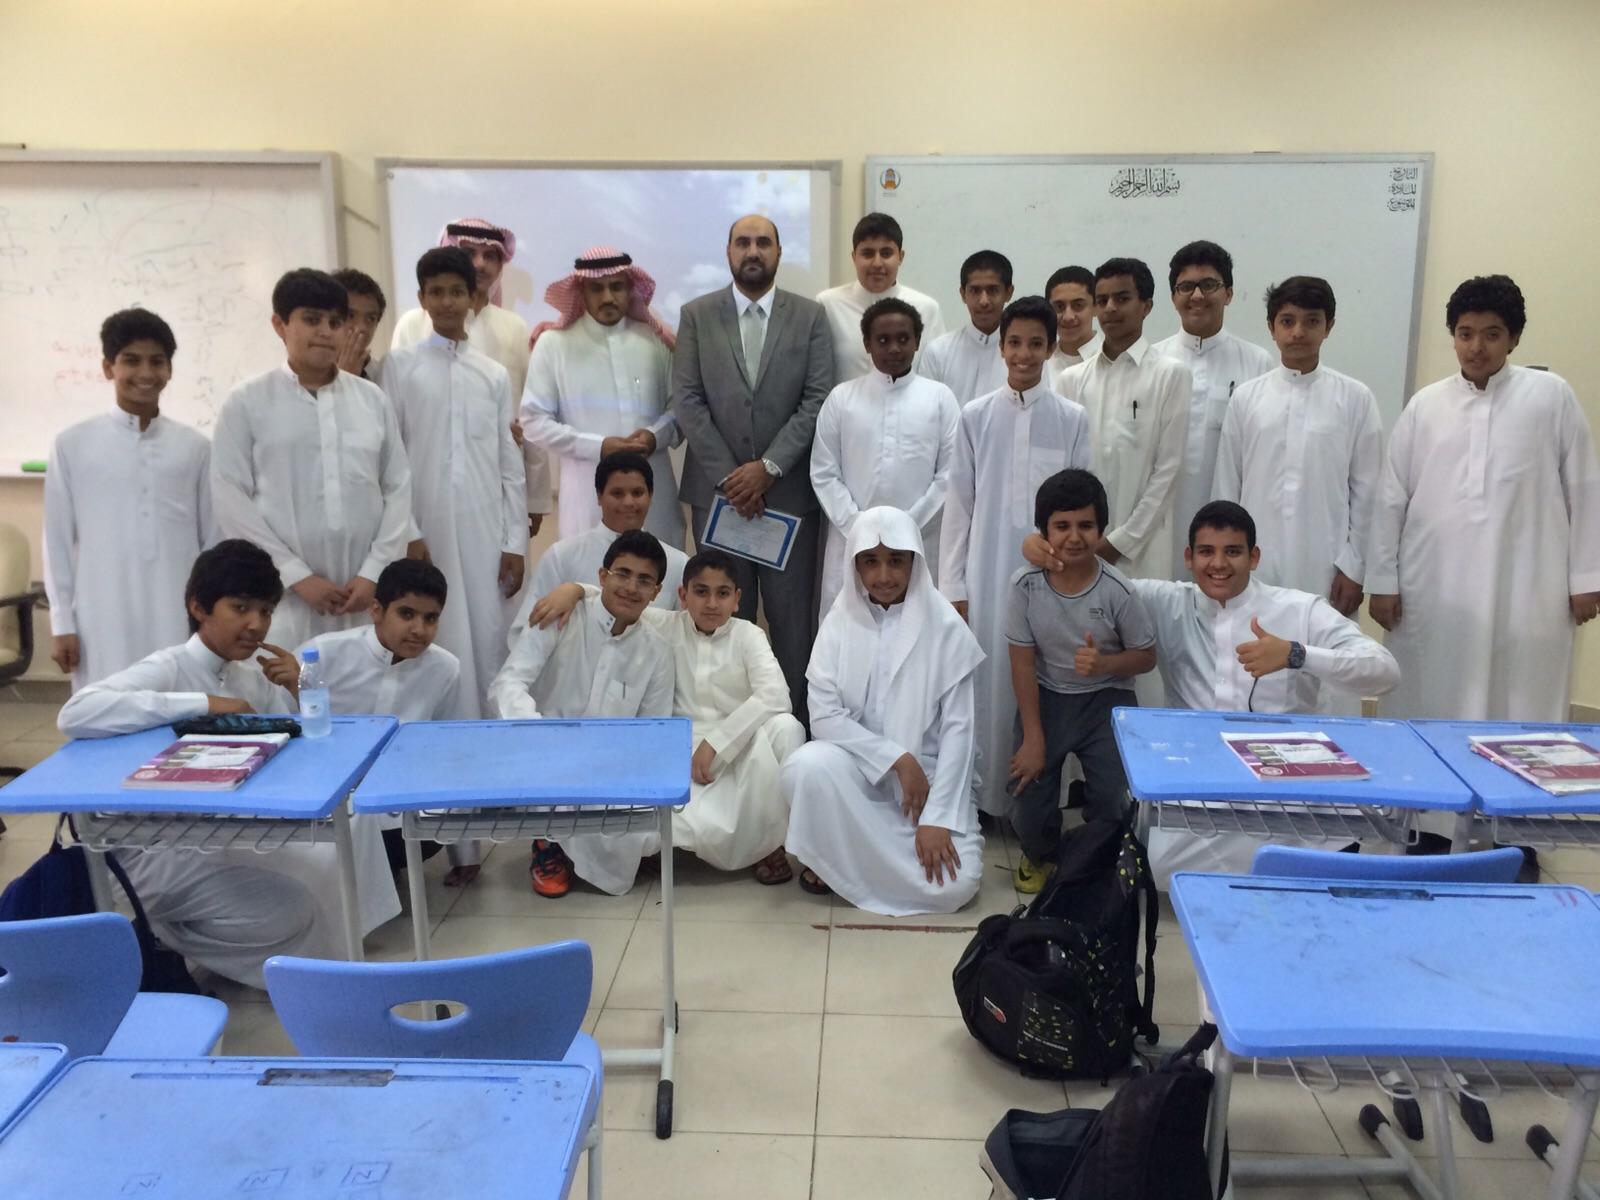 """برنامج """"مجتمعي... مسؤوليتي"""" في مدارس مدينة الملك عبد العزيز للعلوم والتقنية"""